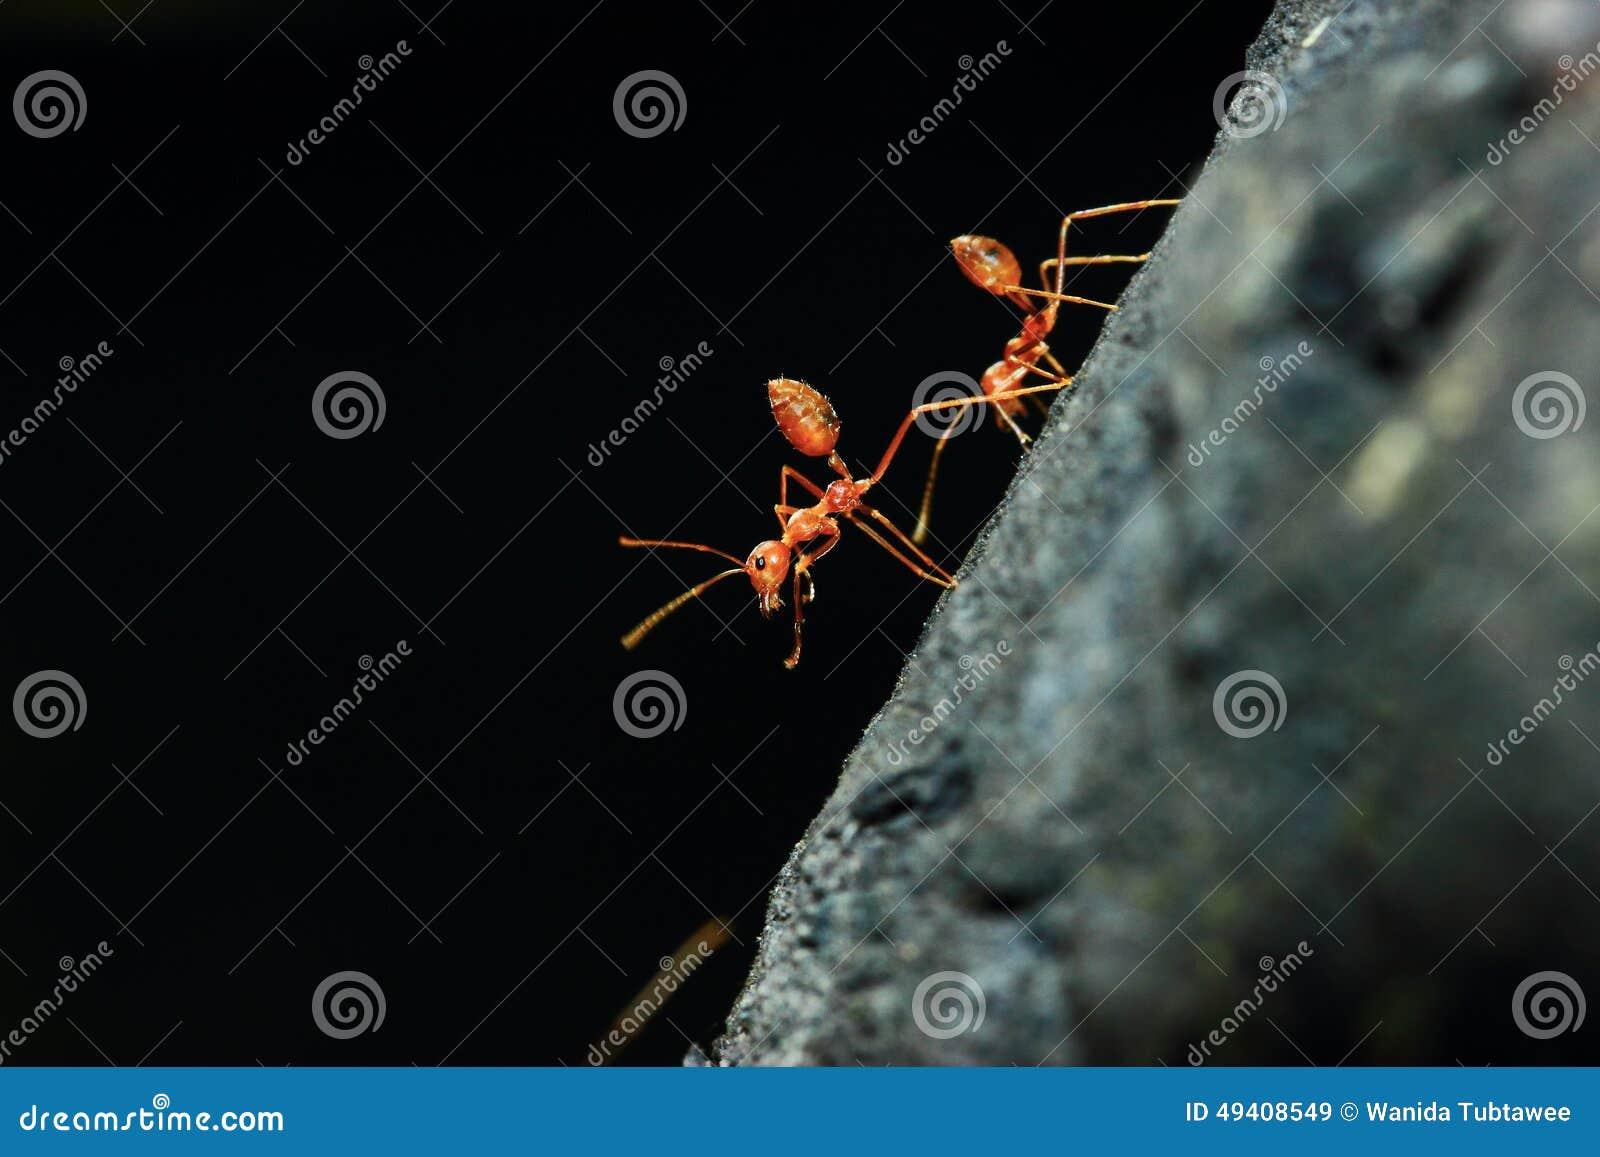 Download Ameisen stockbild. Bild von gleiskettenfahrzeuge, heuschrecken - 49408549